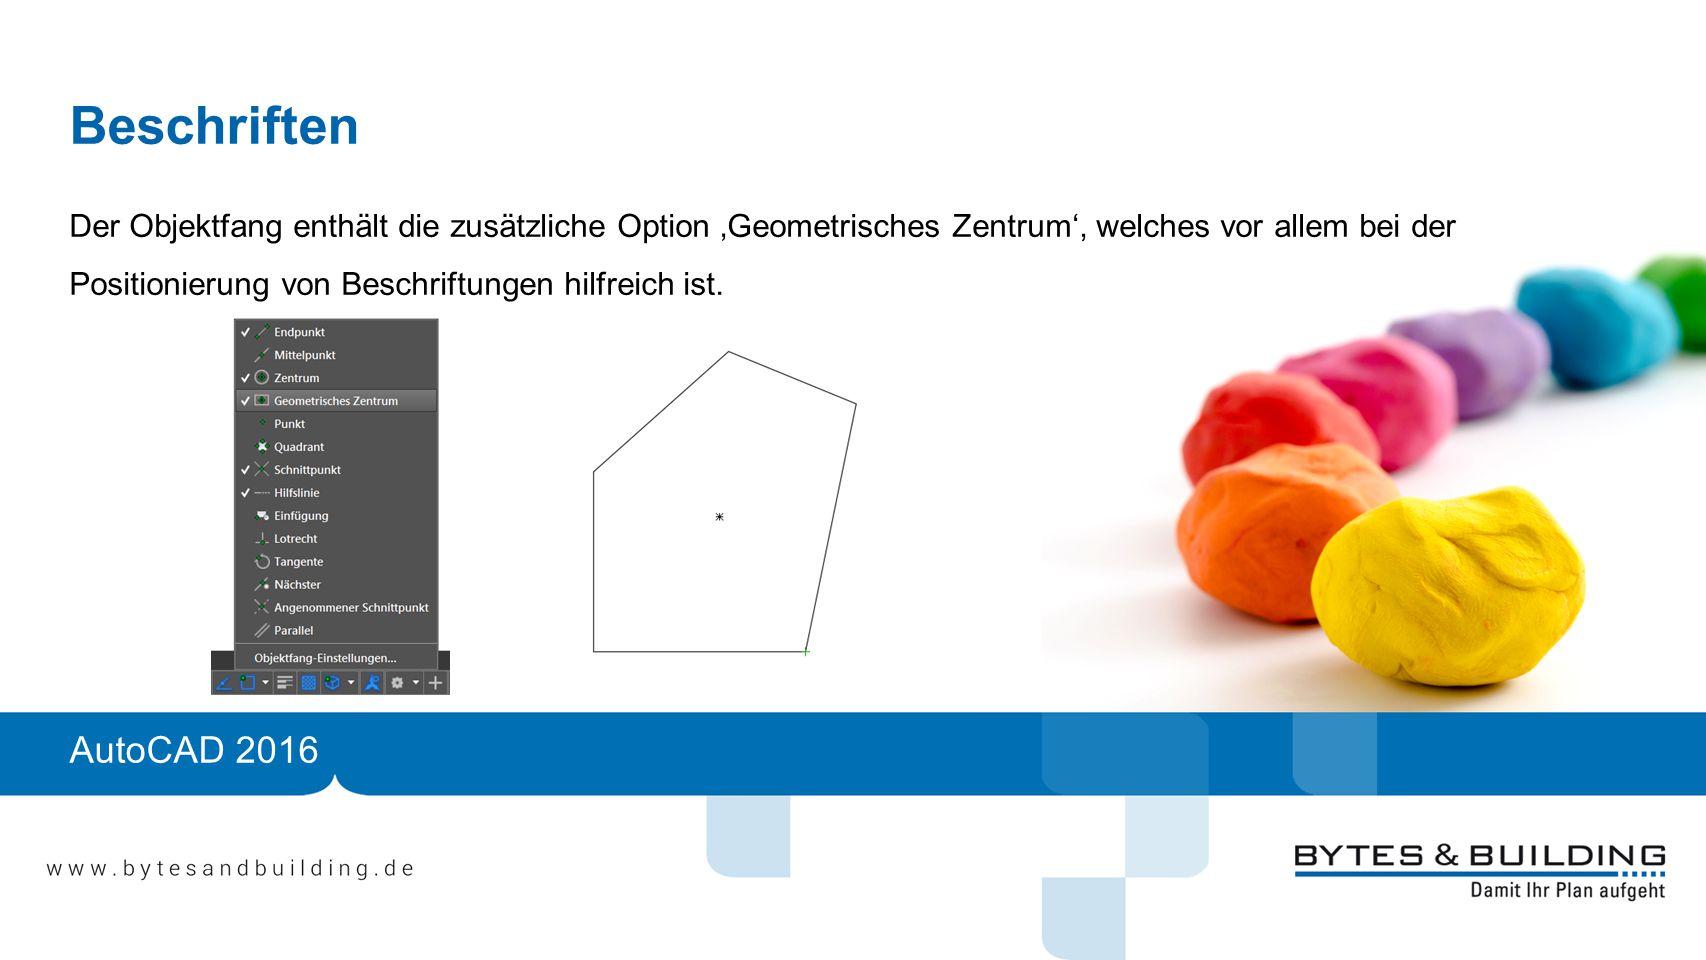 Beschriften Der Objektfang enthält die zusätzliche Option 'Geometrisches Zentrum', welches vor allem bei der Positionierung von Beschriftungen hilfreich ist.